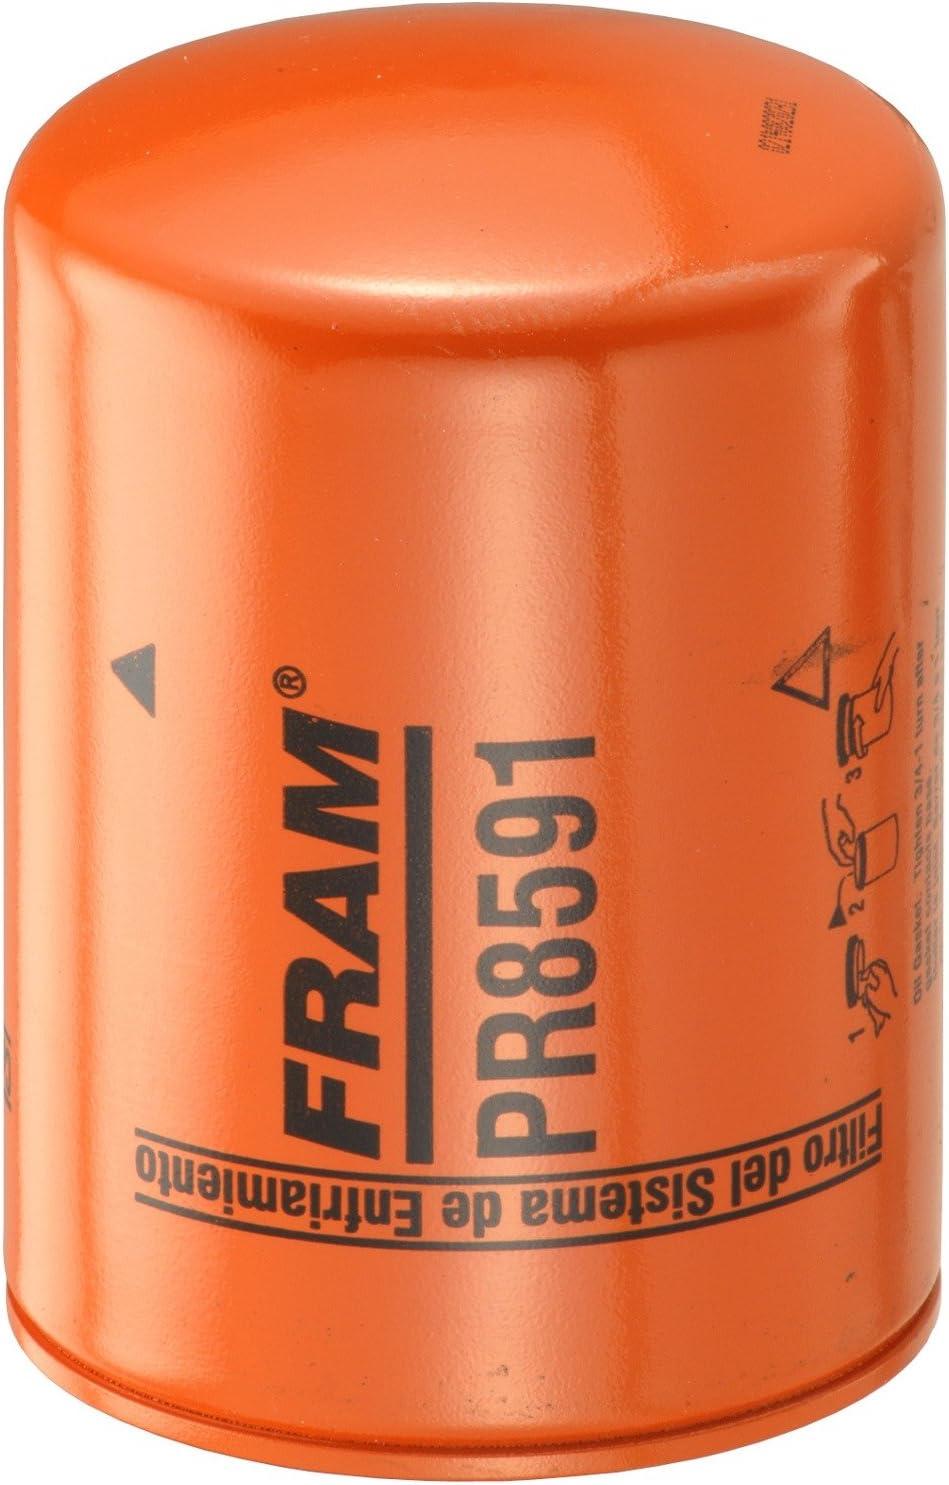 FRAM PR8591 Spin-on Coolant Max 88% OFF online shop Filter